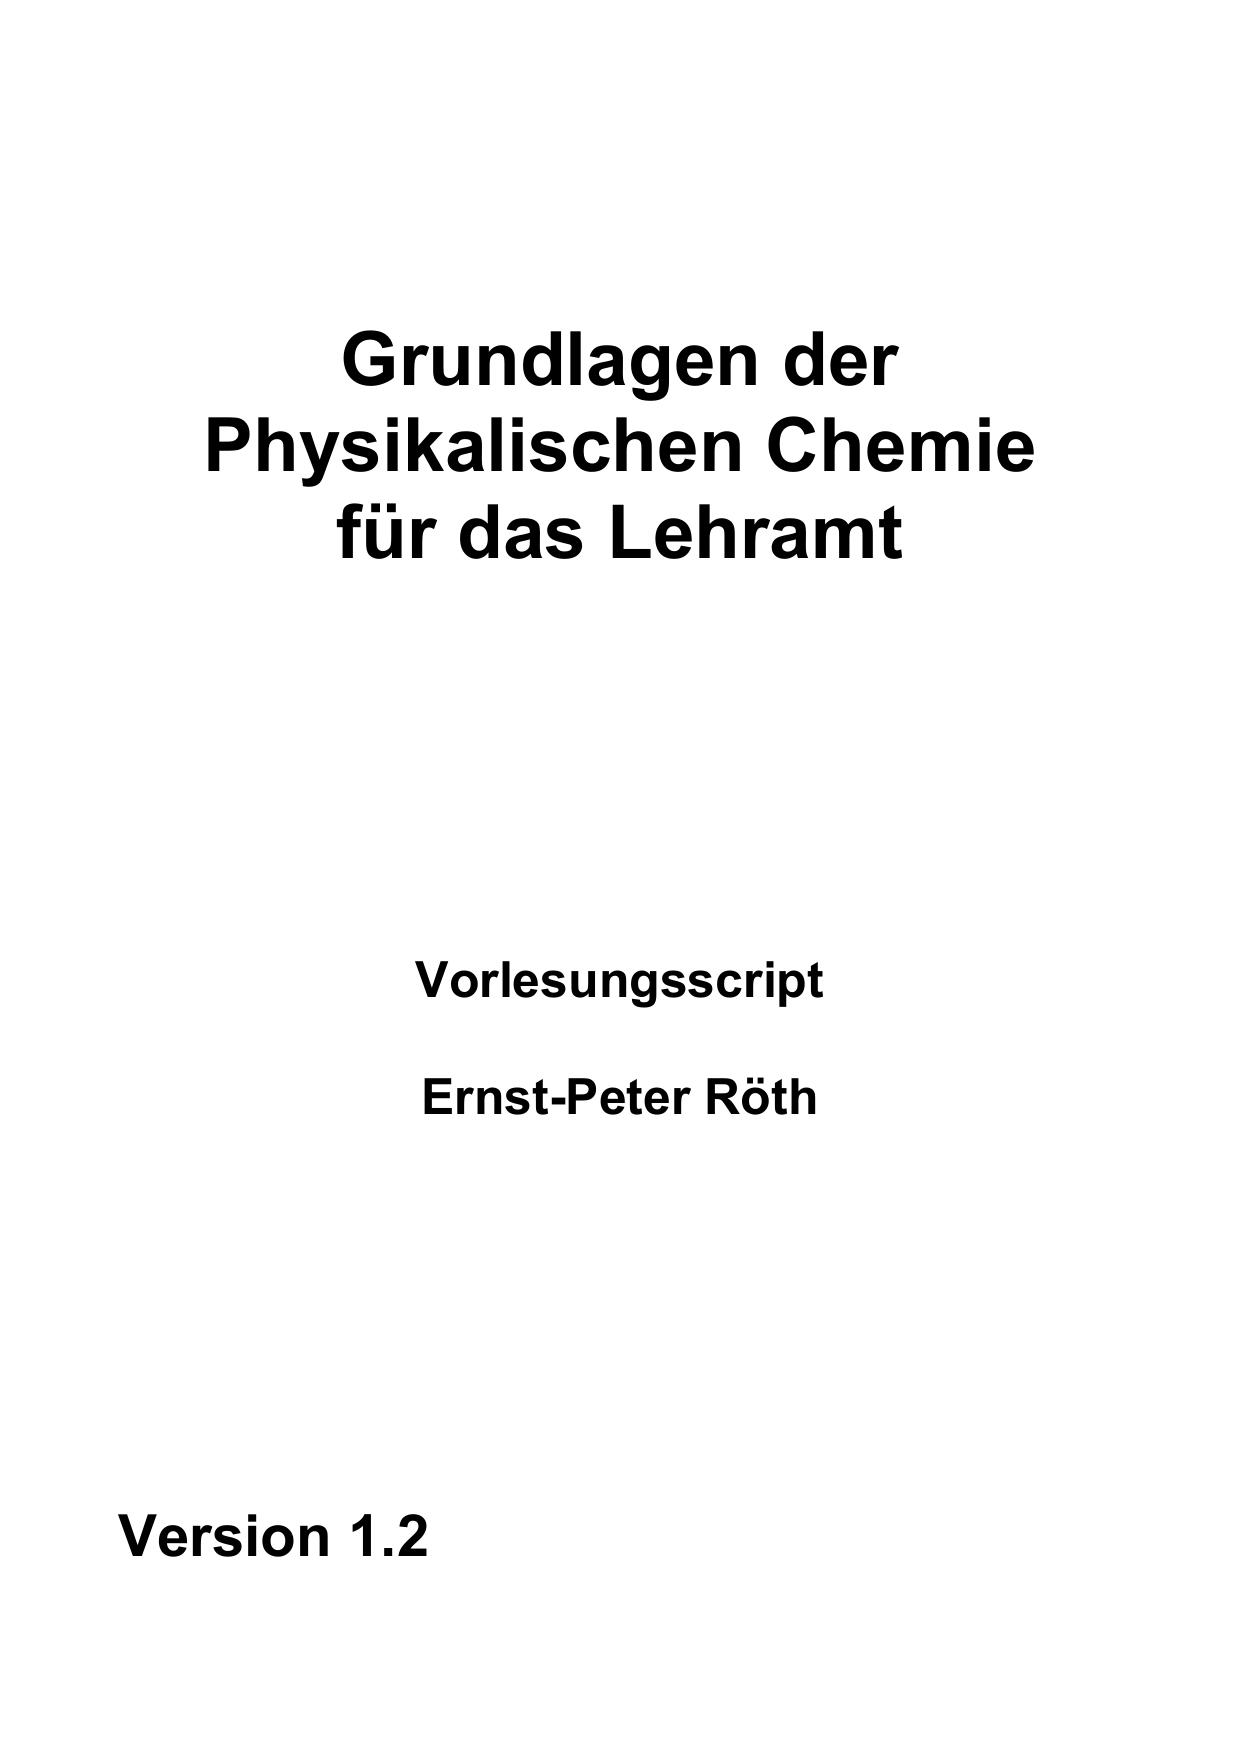 Grundlagen der Physikalischen Chemie für das Lehramt